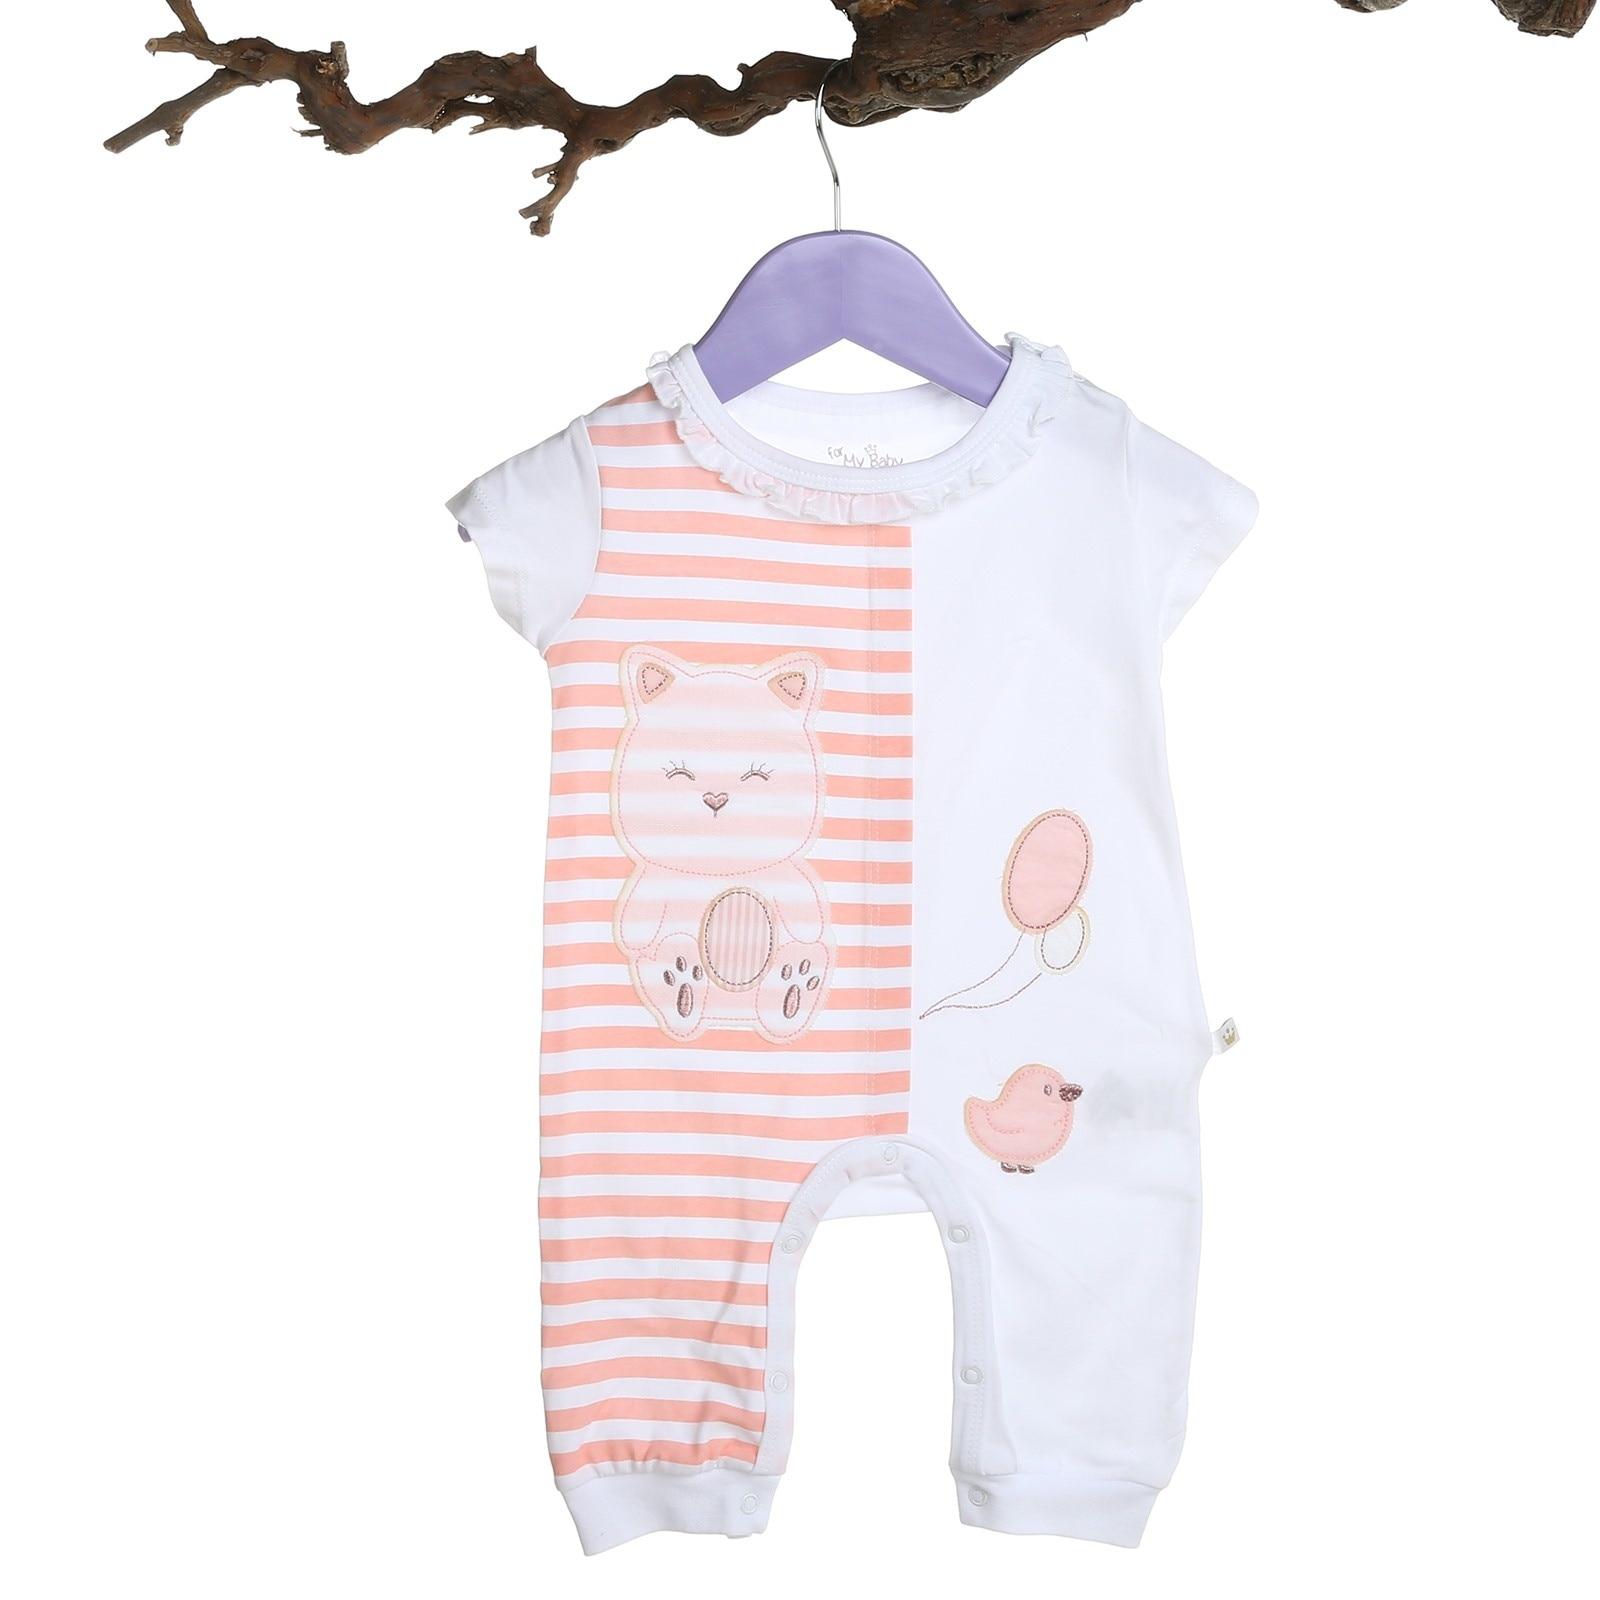 Ebebek For My Baby Girl Pink Rib Ruffle Neck Short Romper